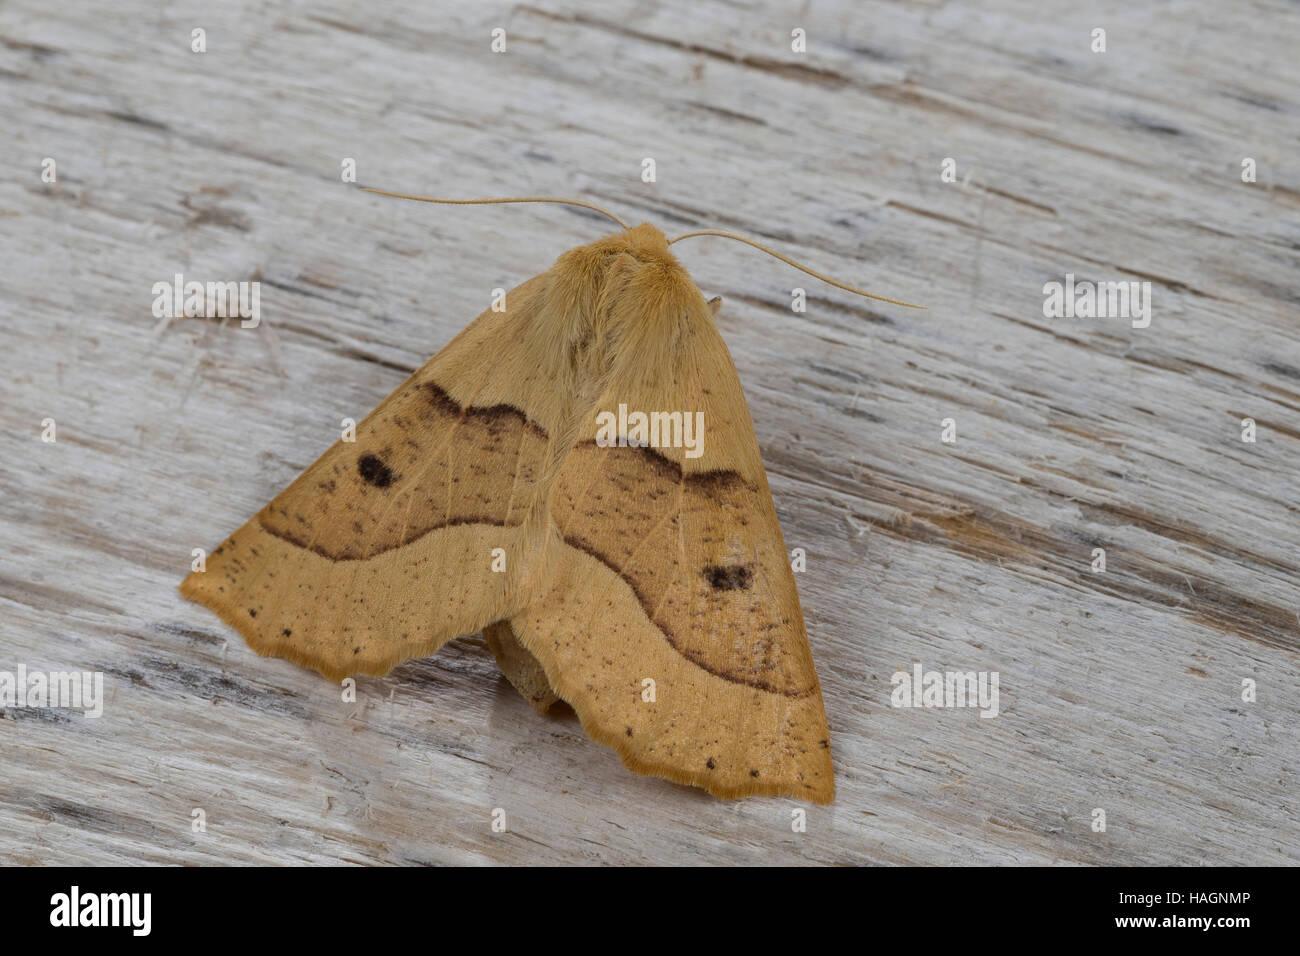 Heller Schmuckspanner, Hellgelber Schmuckspanner, Schmuck-Spanner, Weibchen, Crocallis elinguaria, scalloped oak, - Stock Image